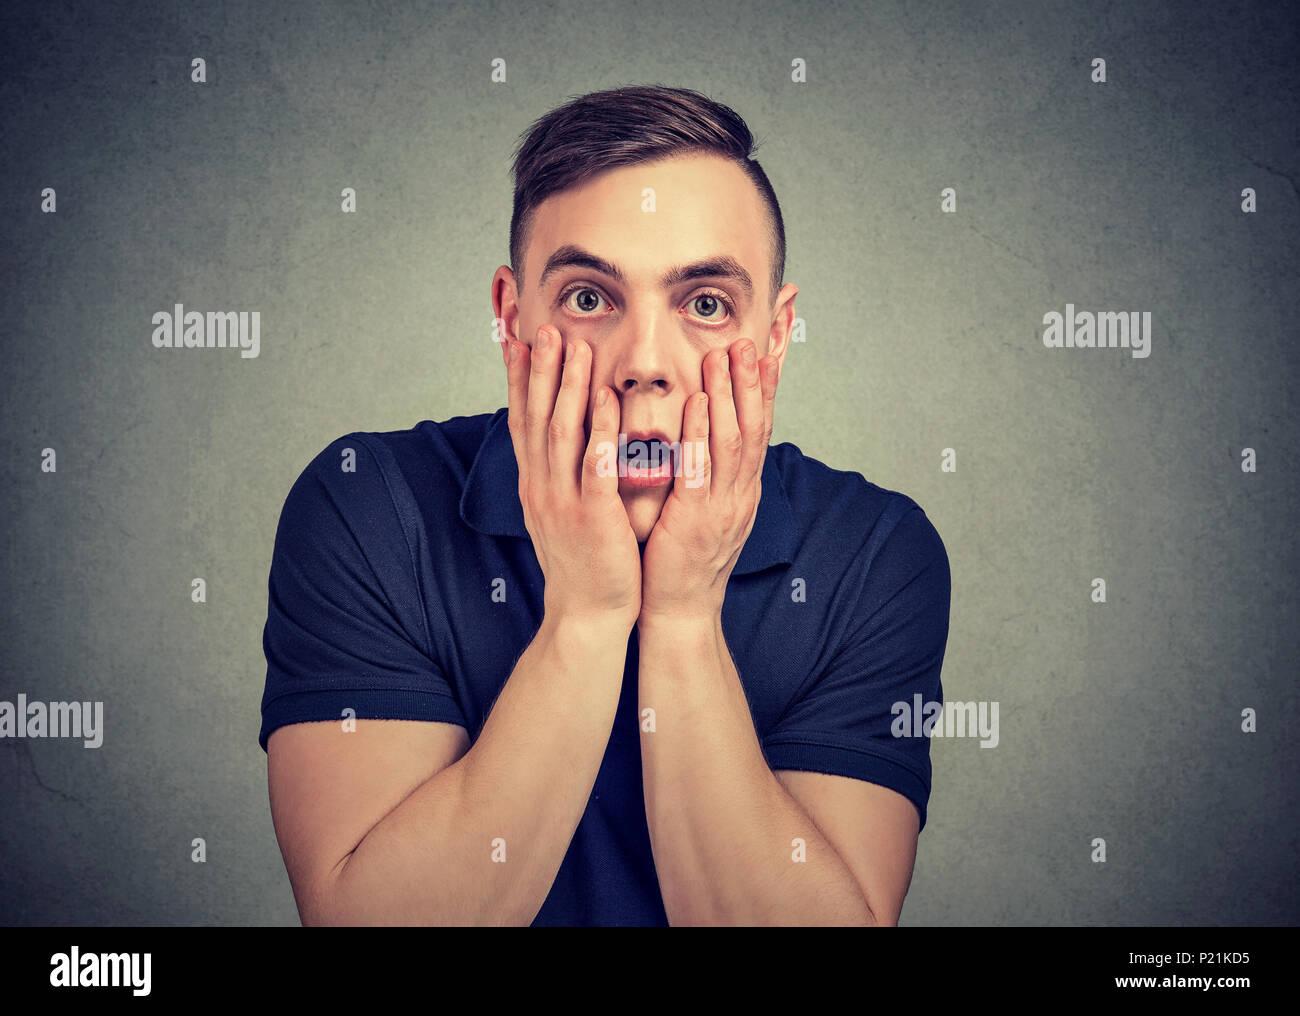 Joven hombre casual toca enfrentar en desesperación posando en gris y mirando a la cámara con miedo. Foto de stock